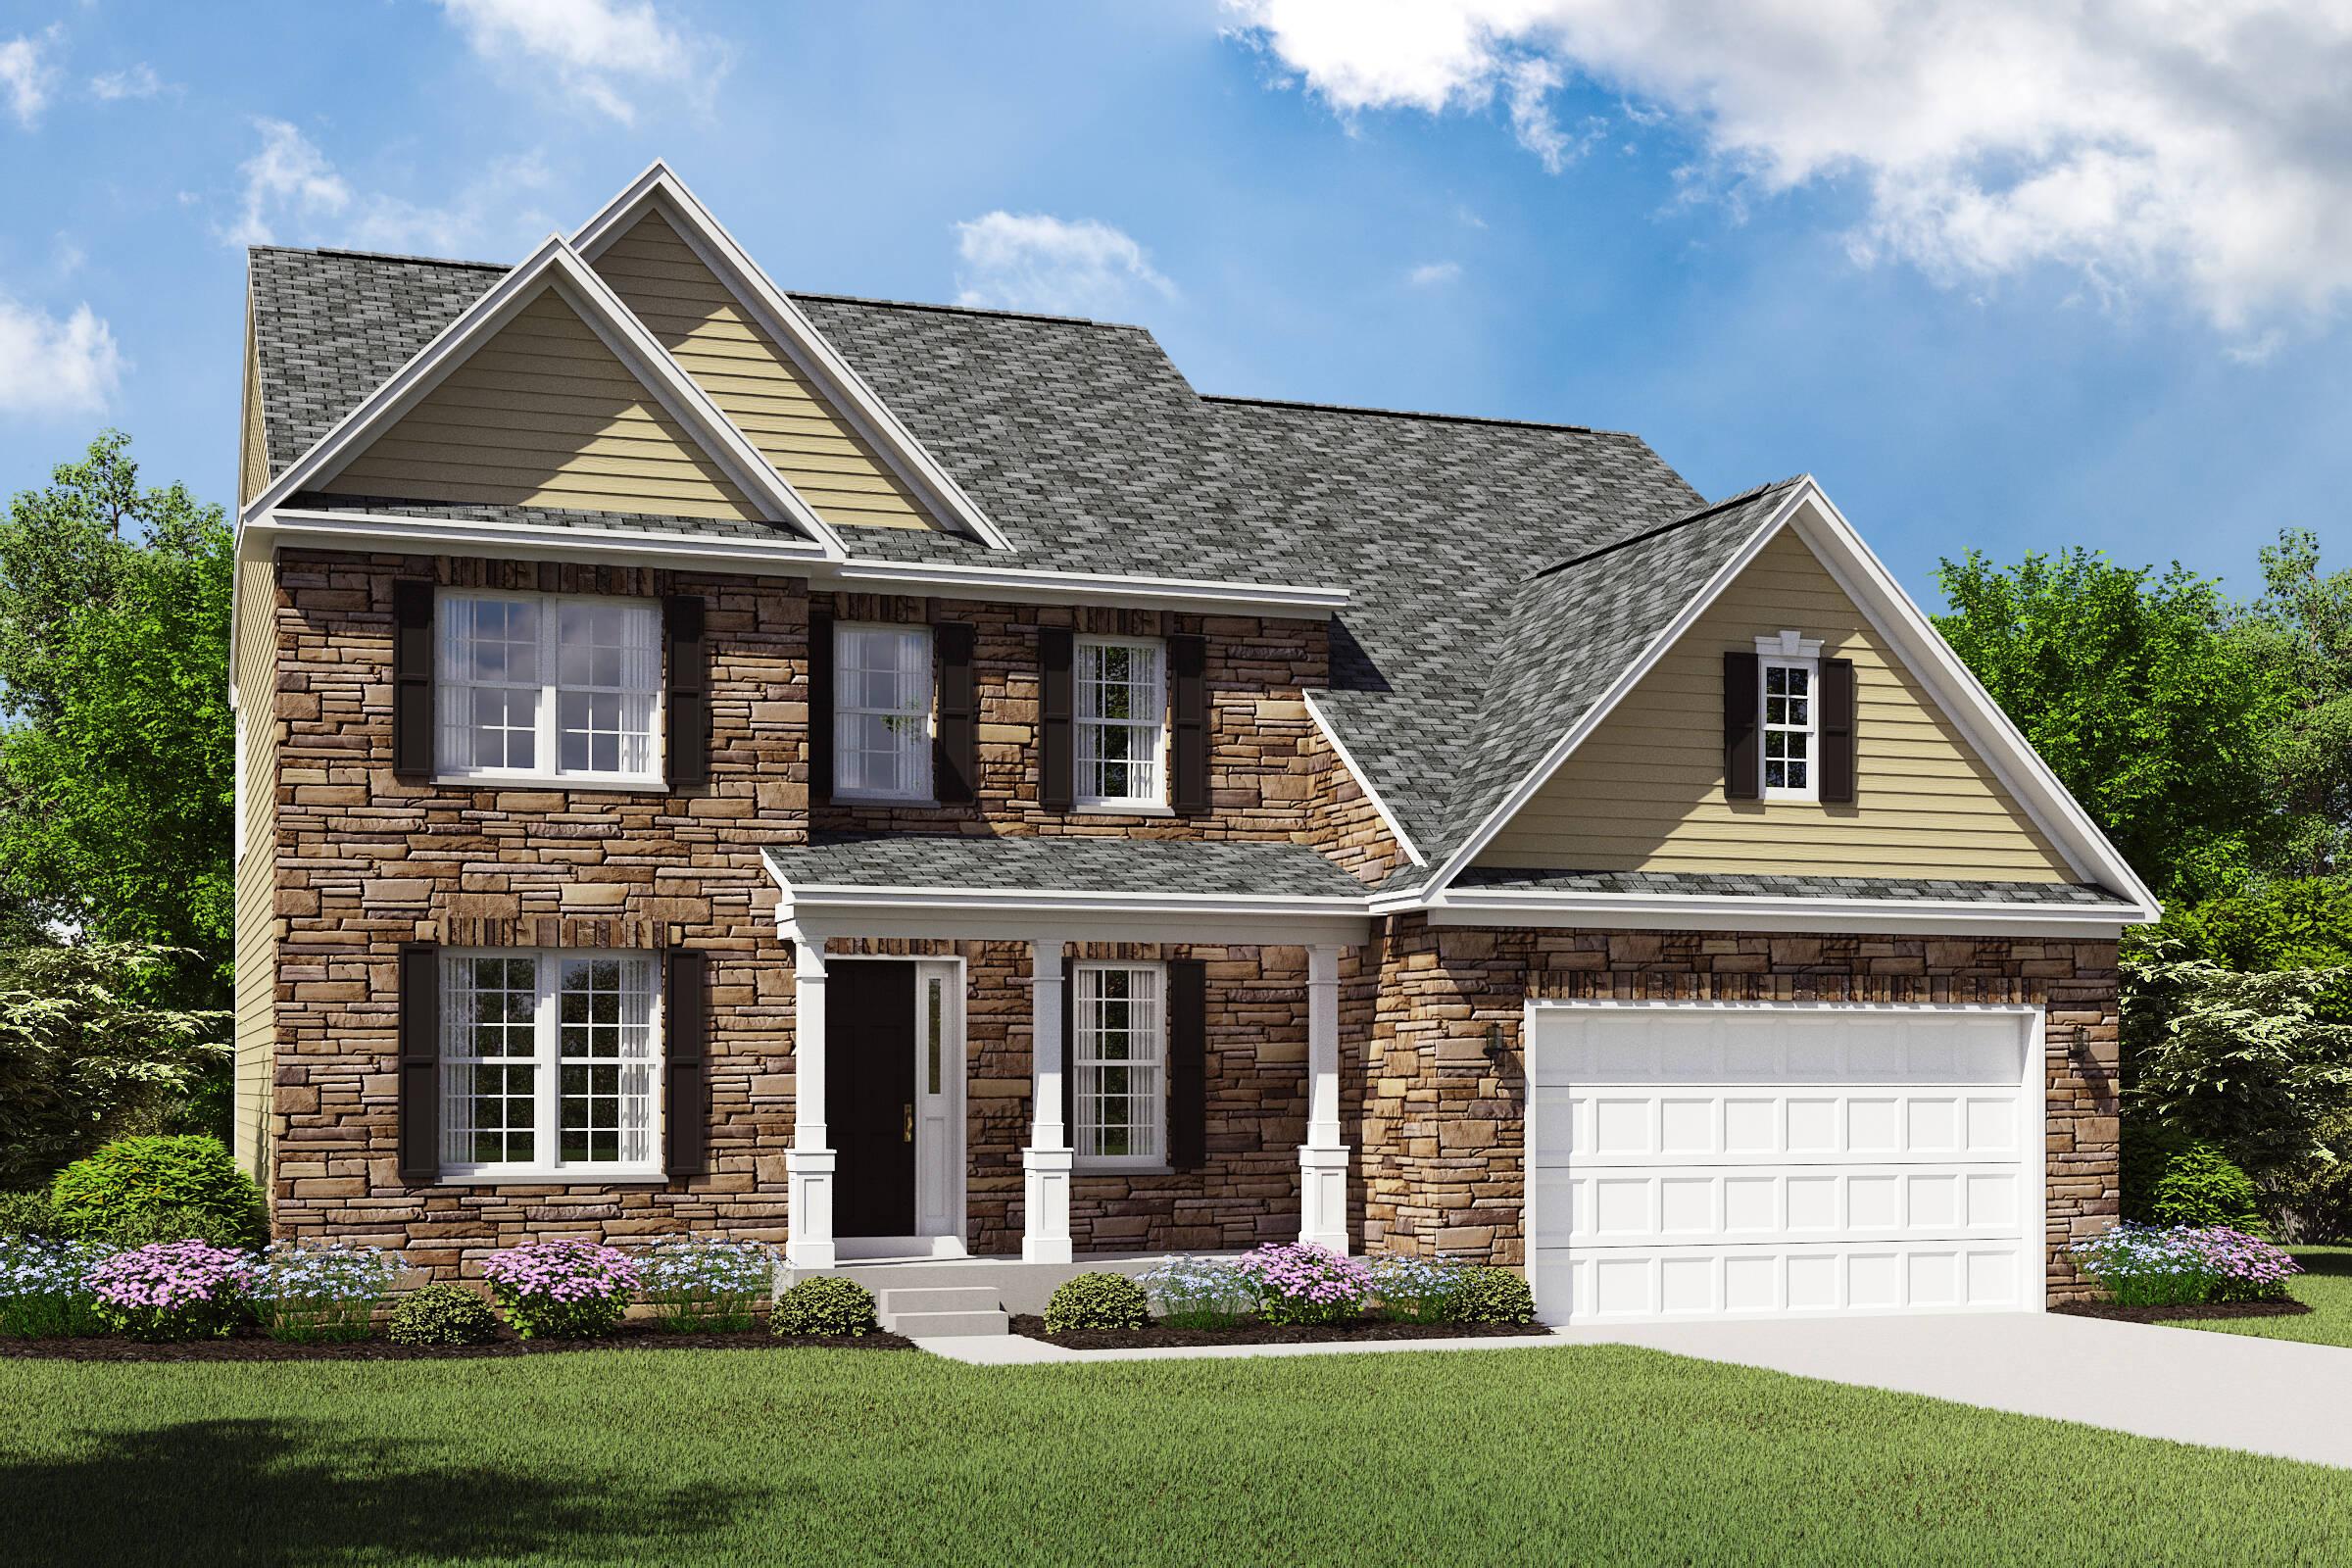 shelton HT new homes cleveland ohio